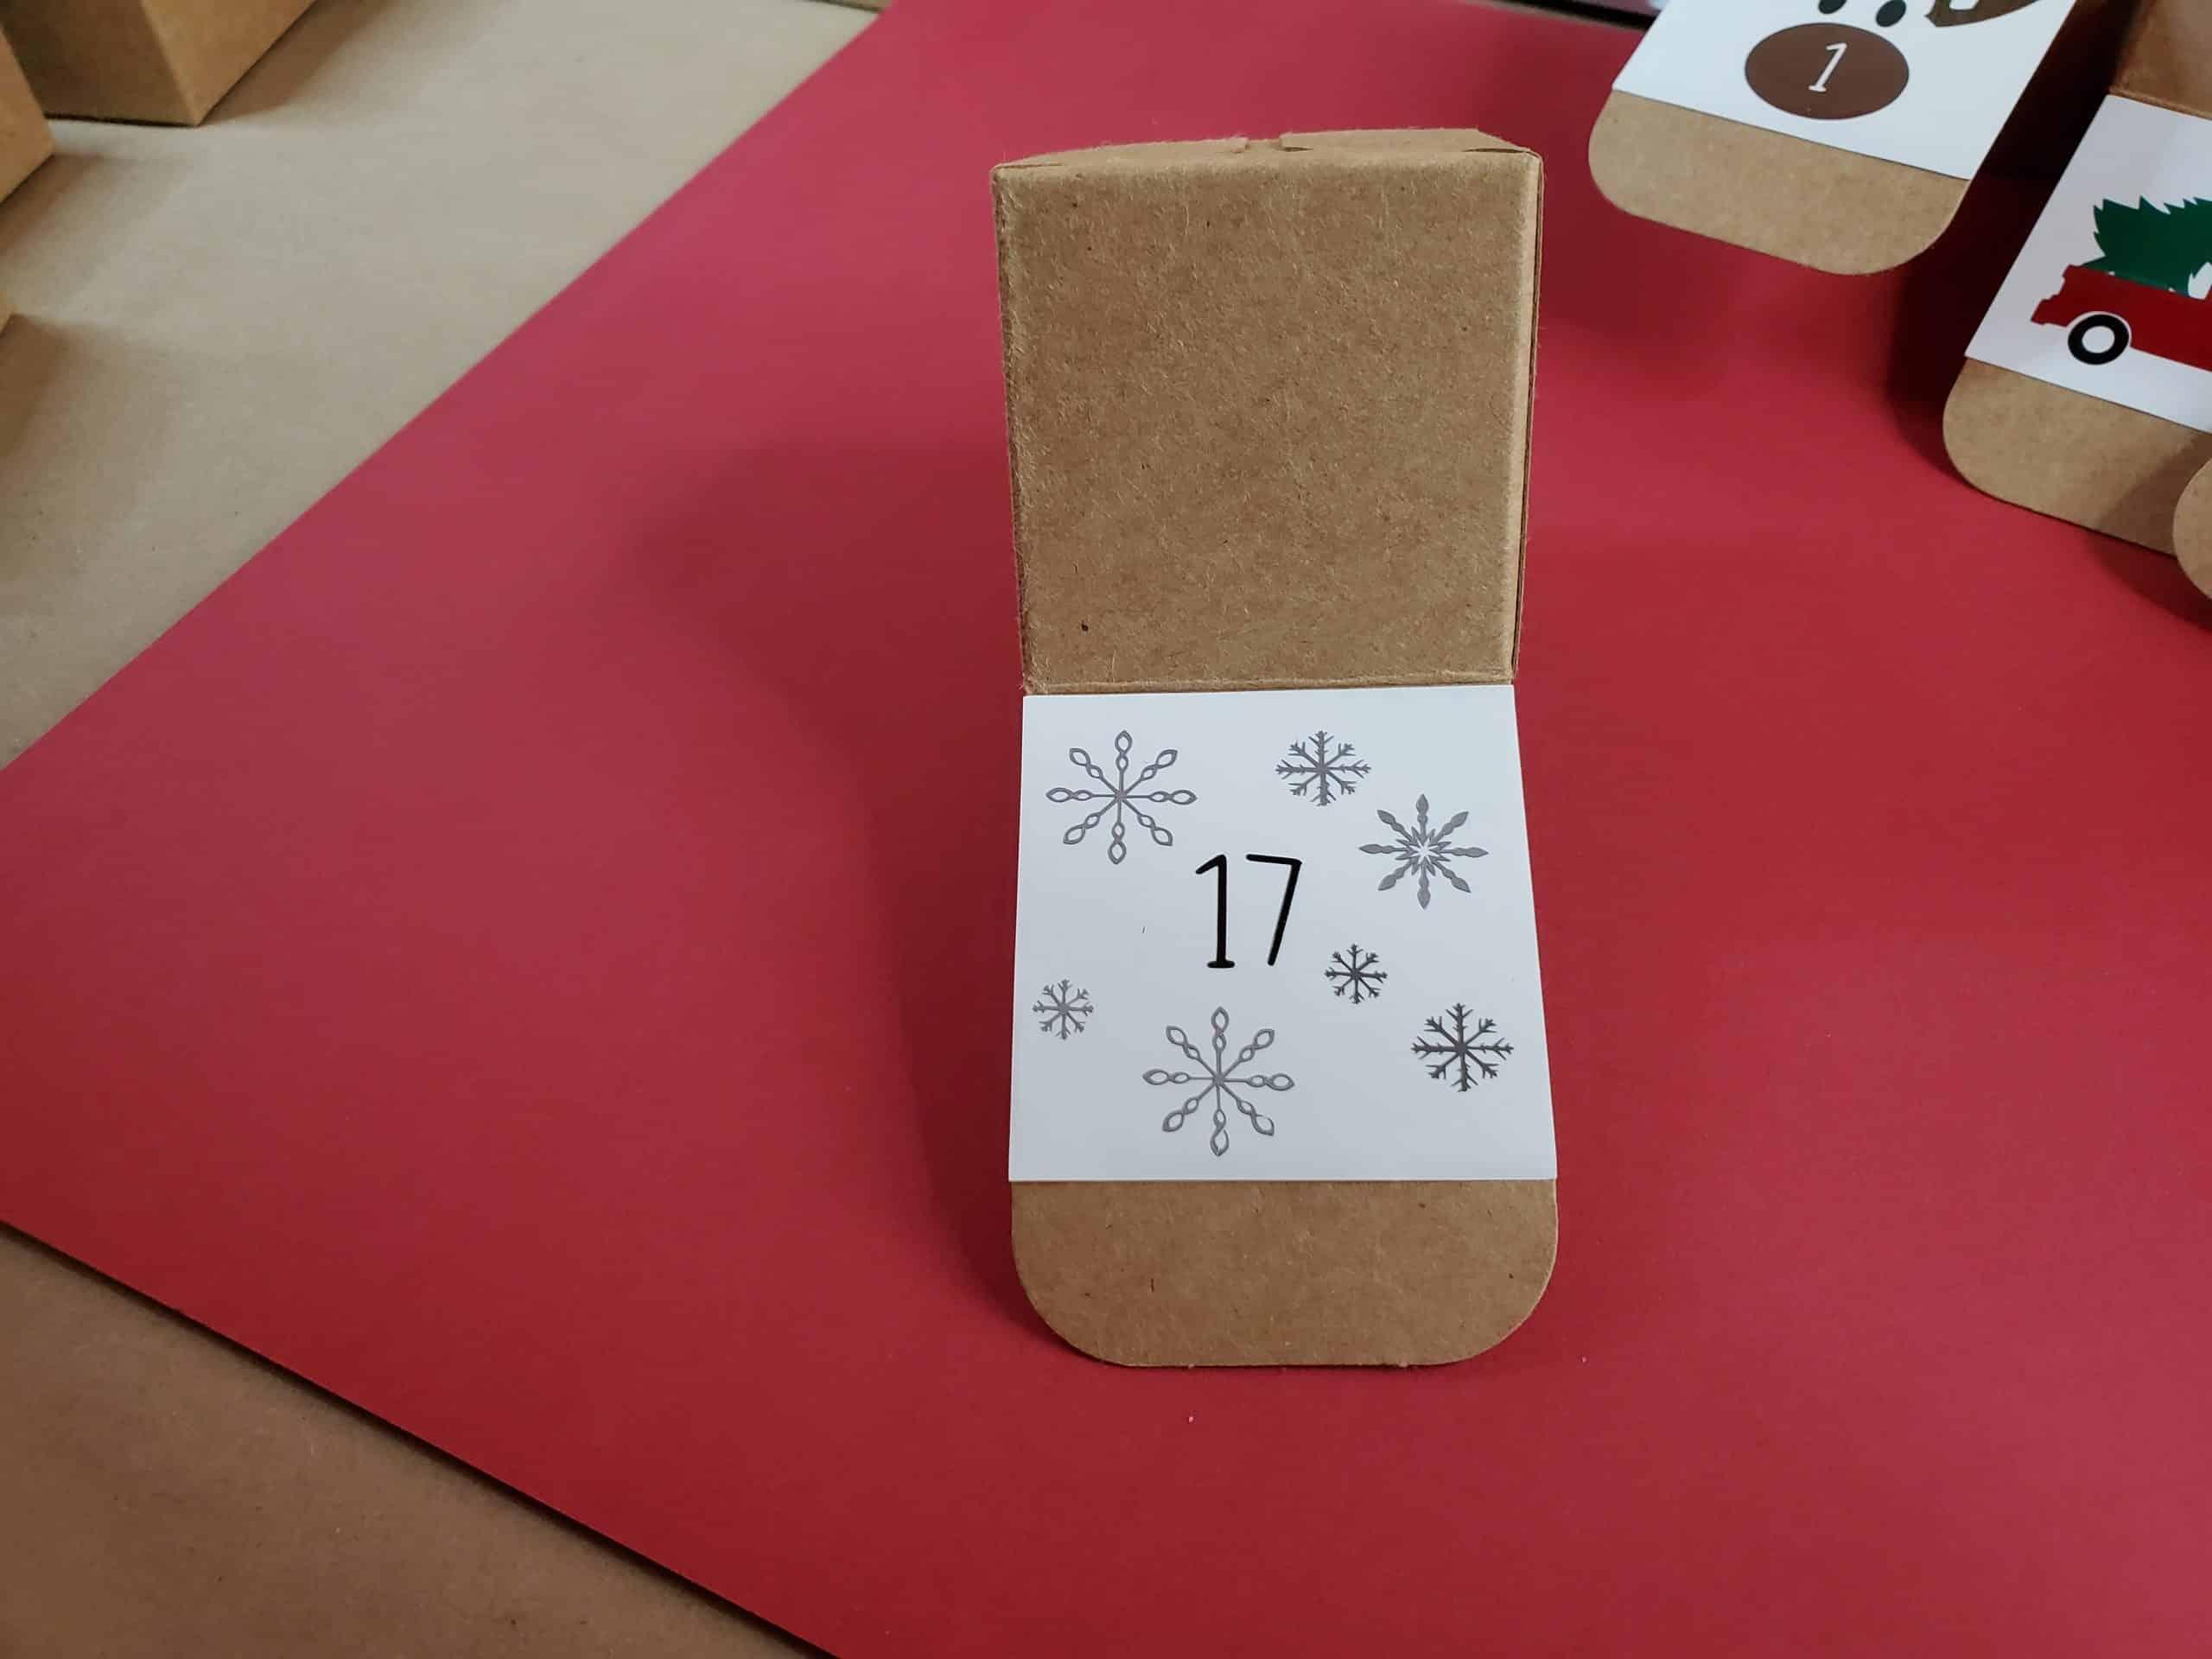 Square 17 box